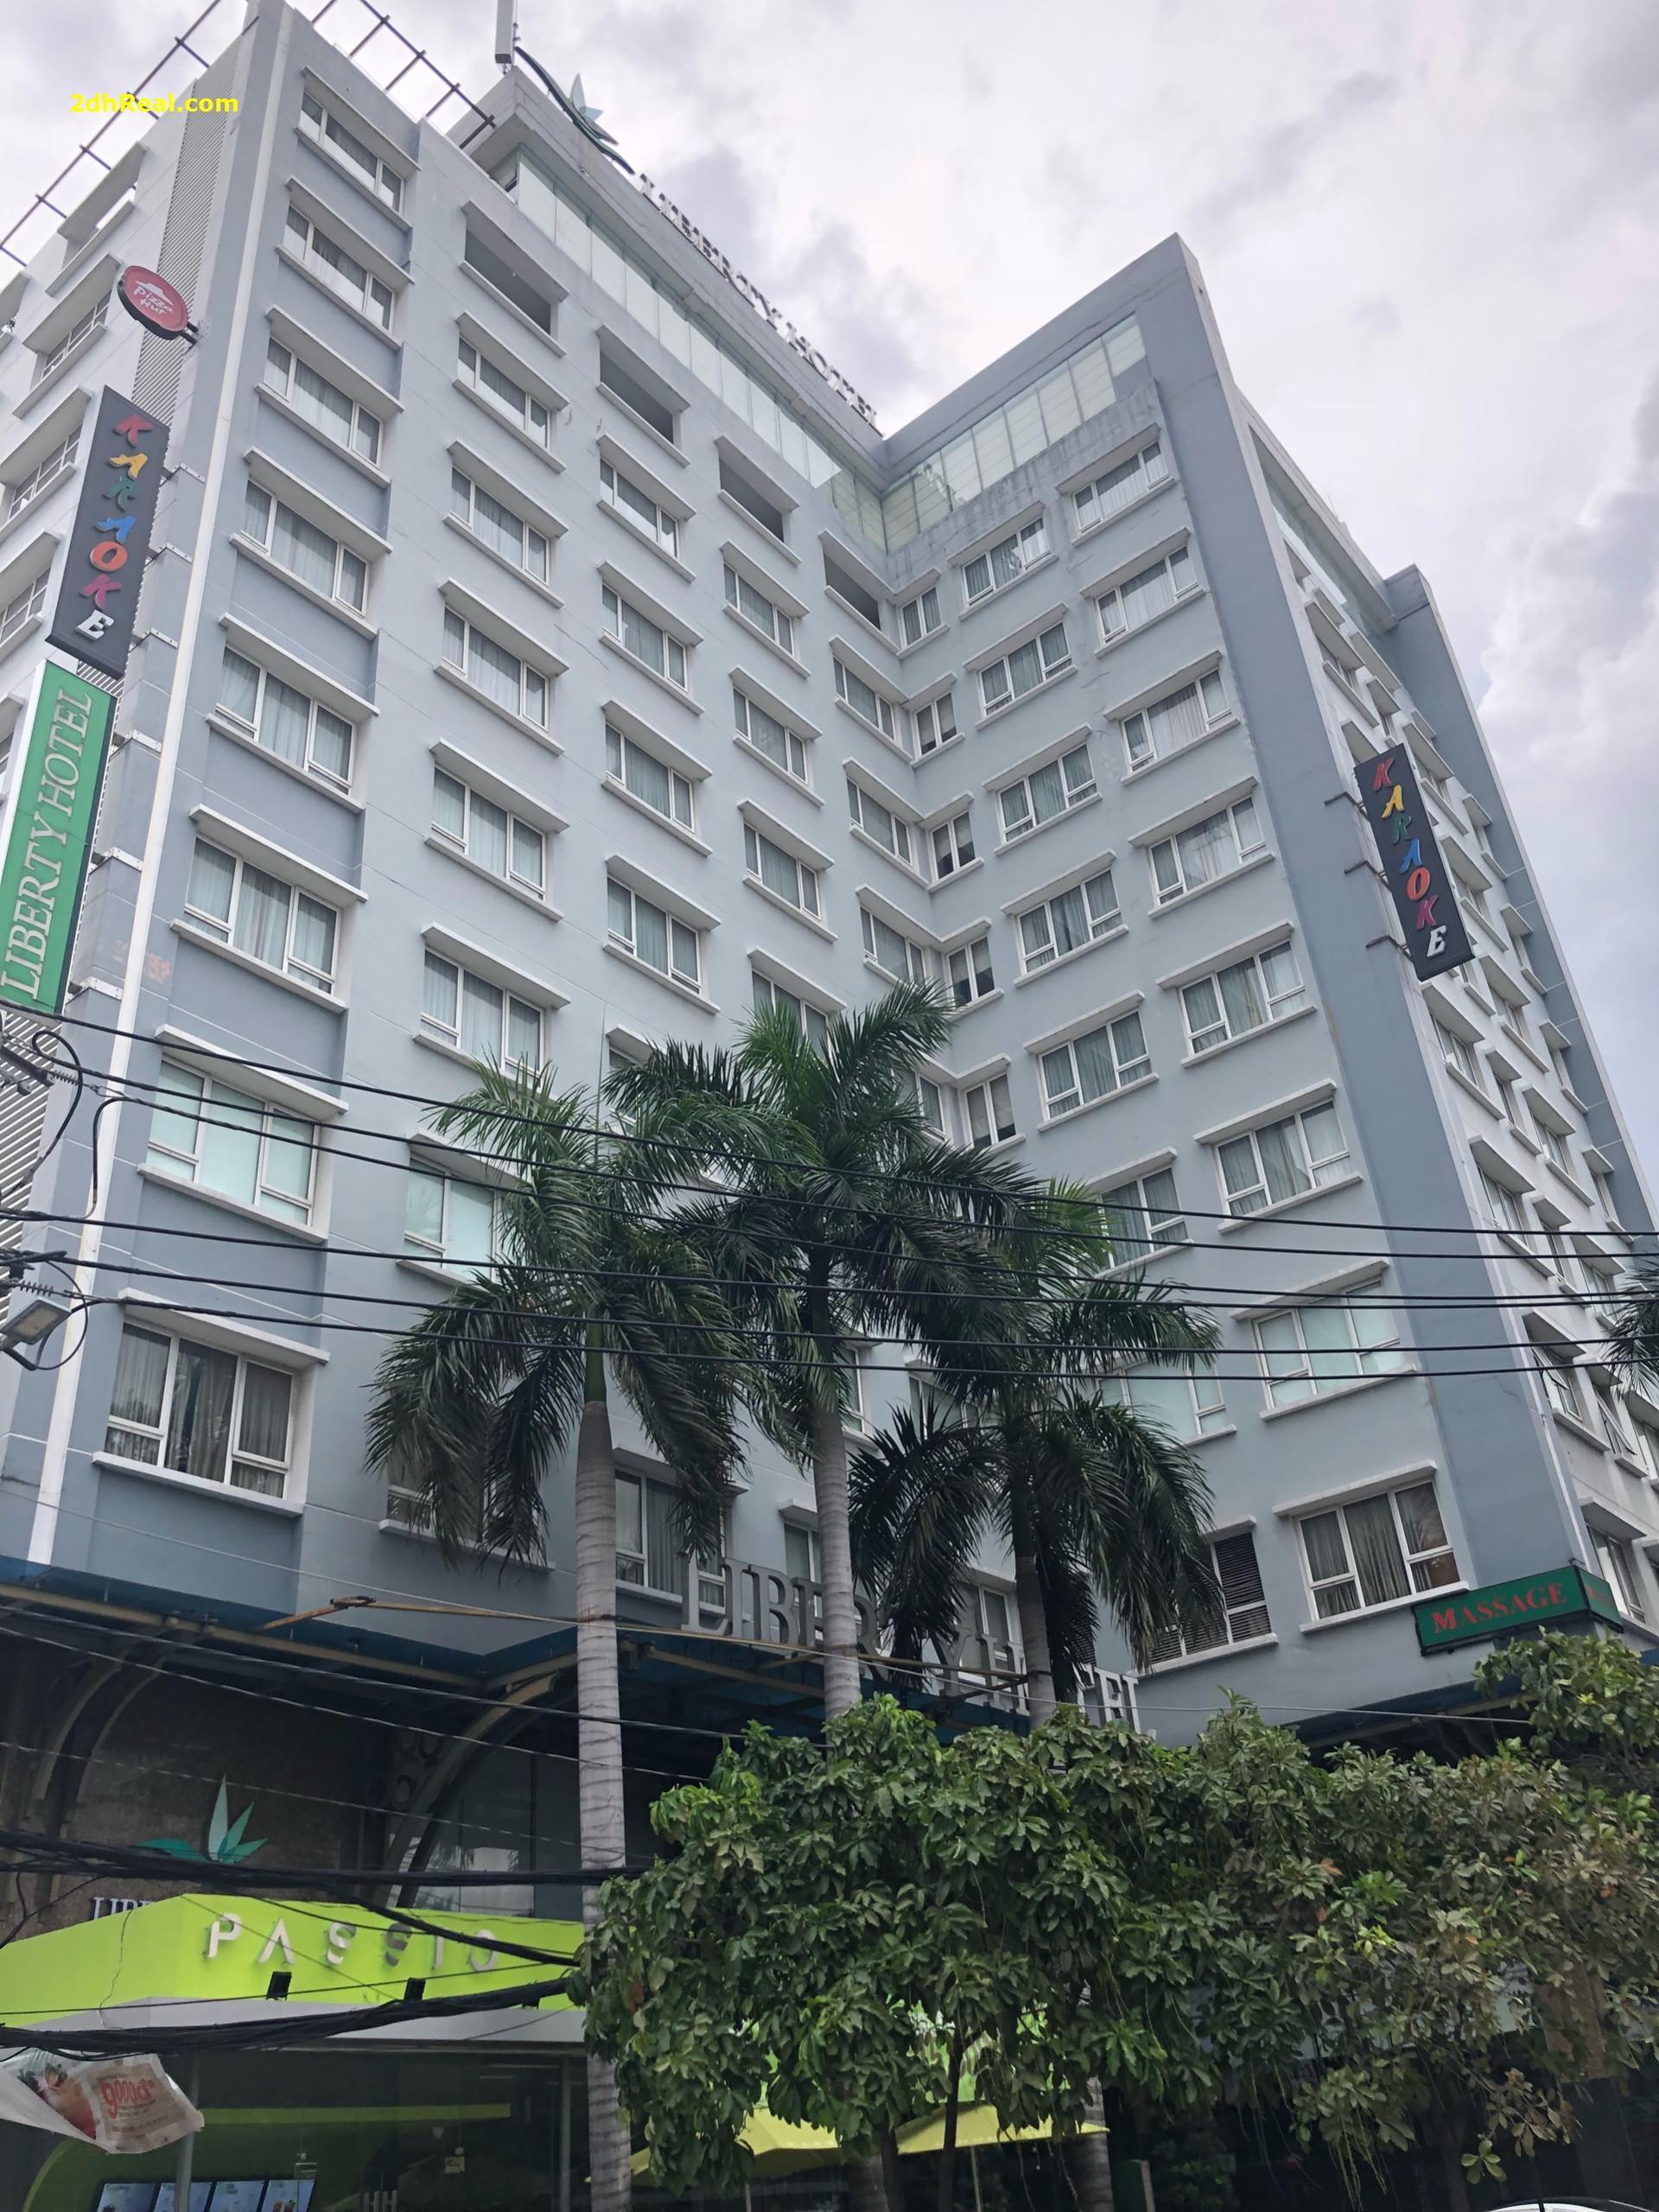 Bán khách sạn 2 Nguyễn Thị Thập quận 7, 12 tầng, 85 phòng